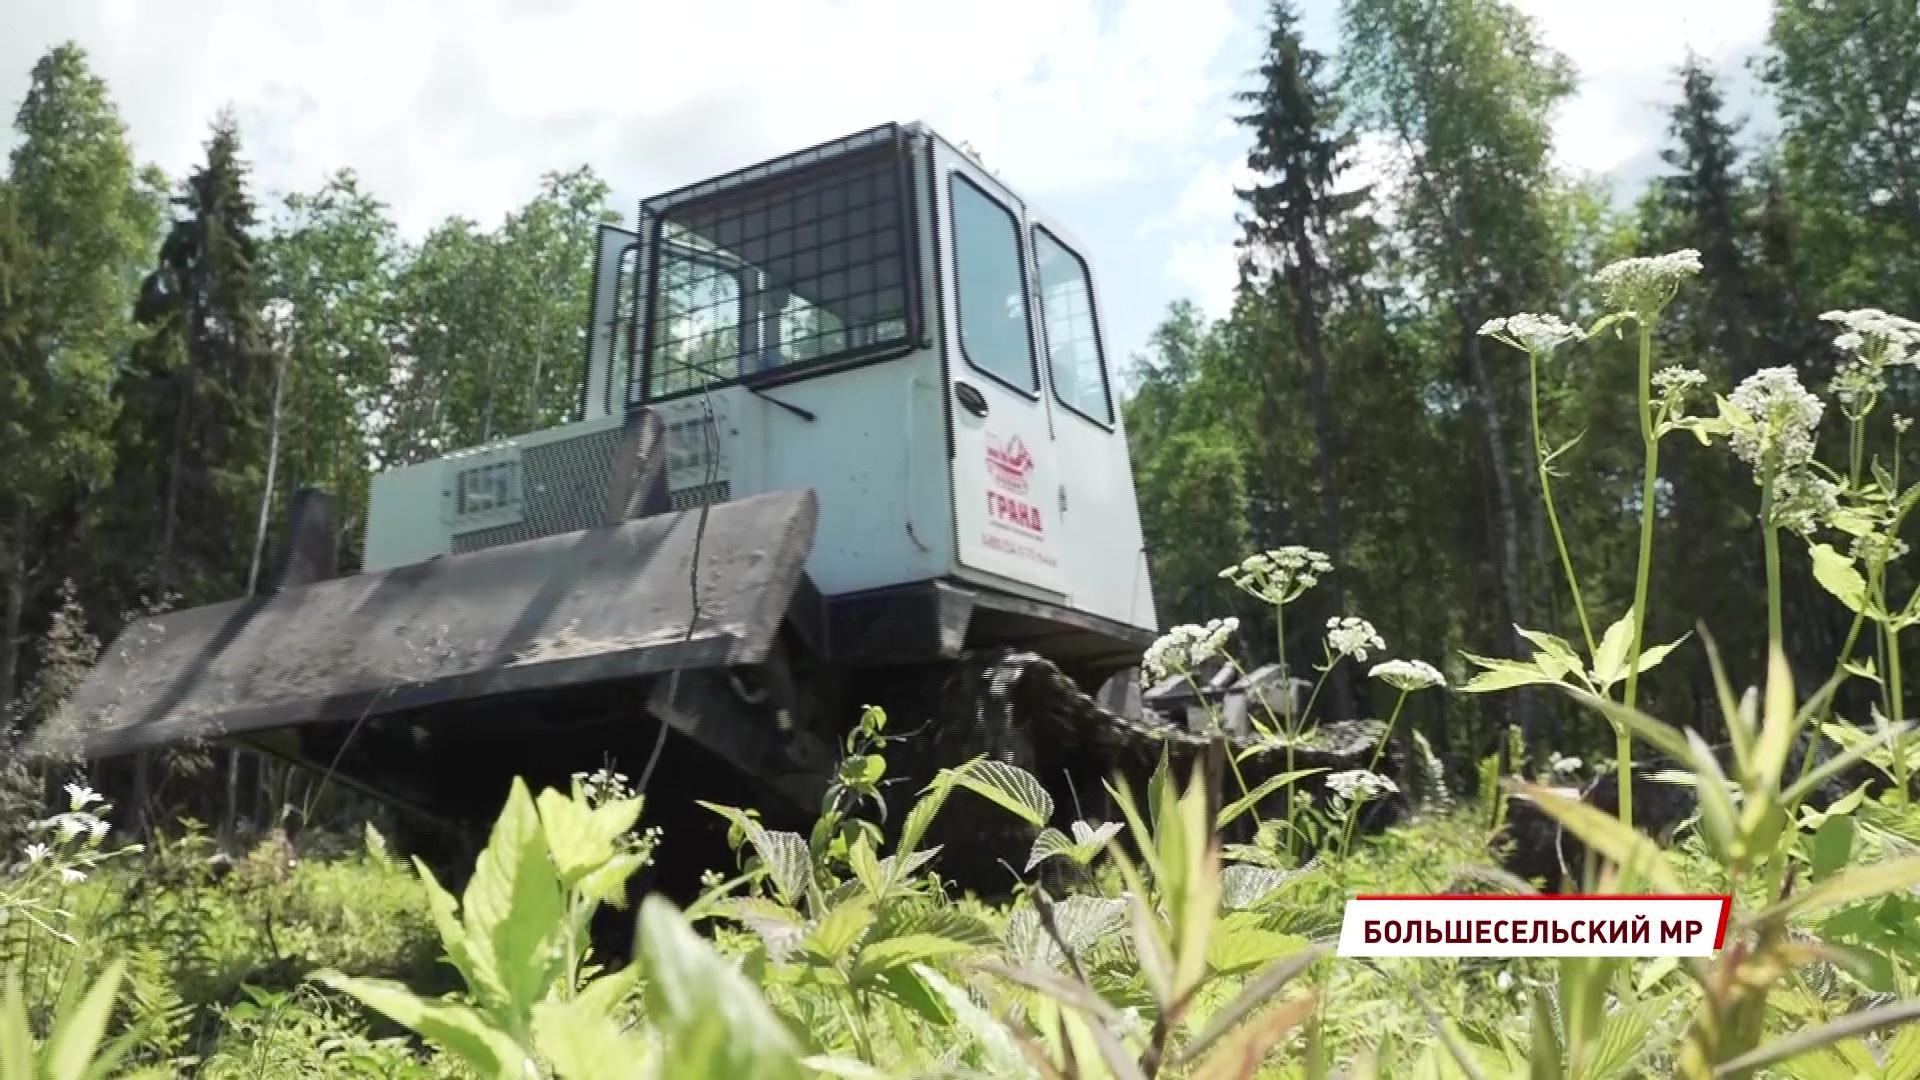 Ярославская область – один из трех регионов в ЦФО, где на данный момент нет лесных пожаров